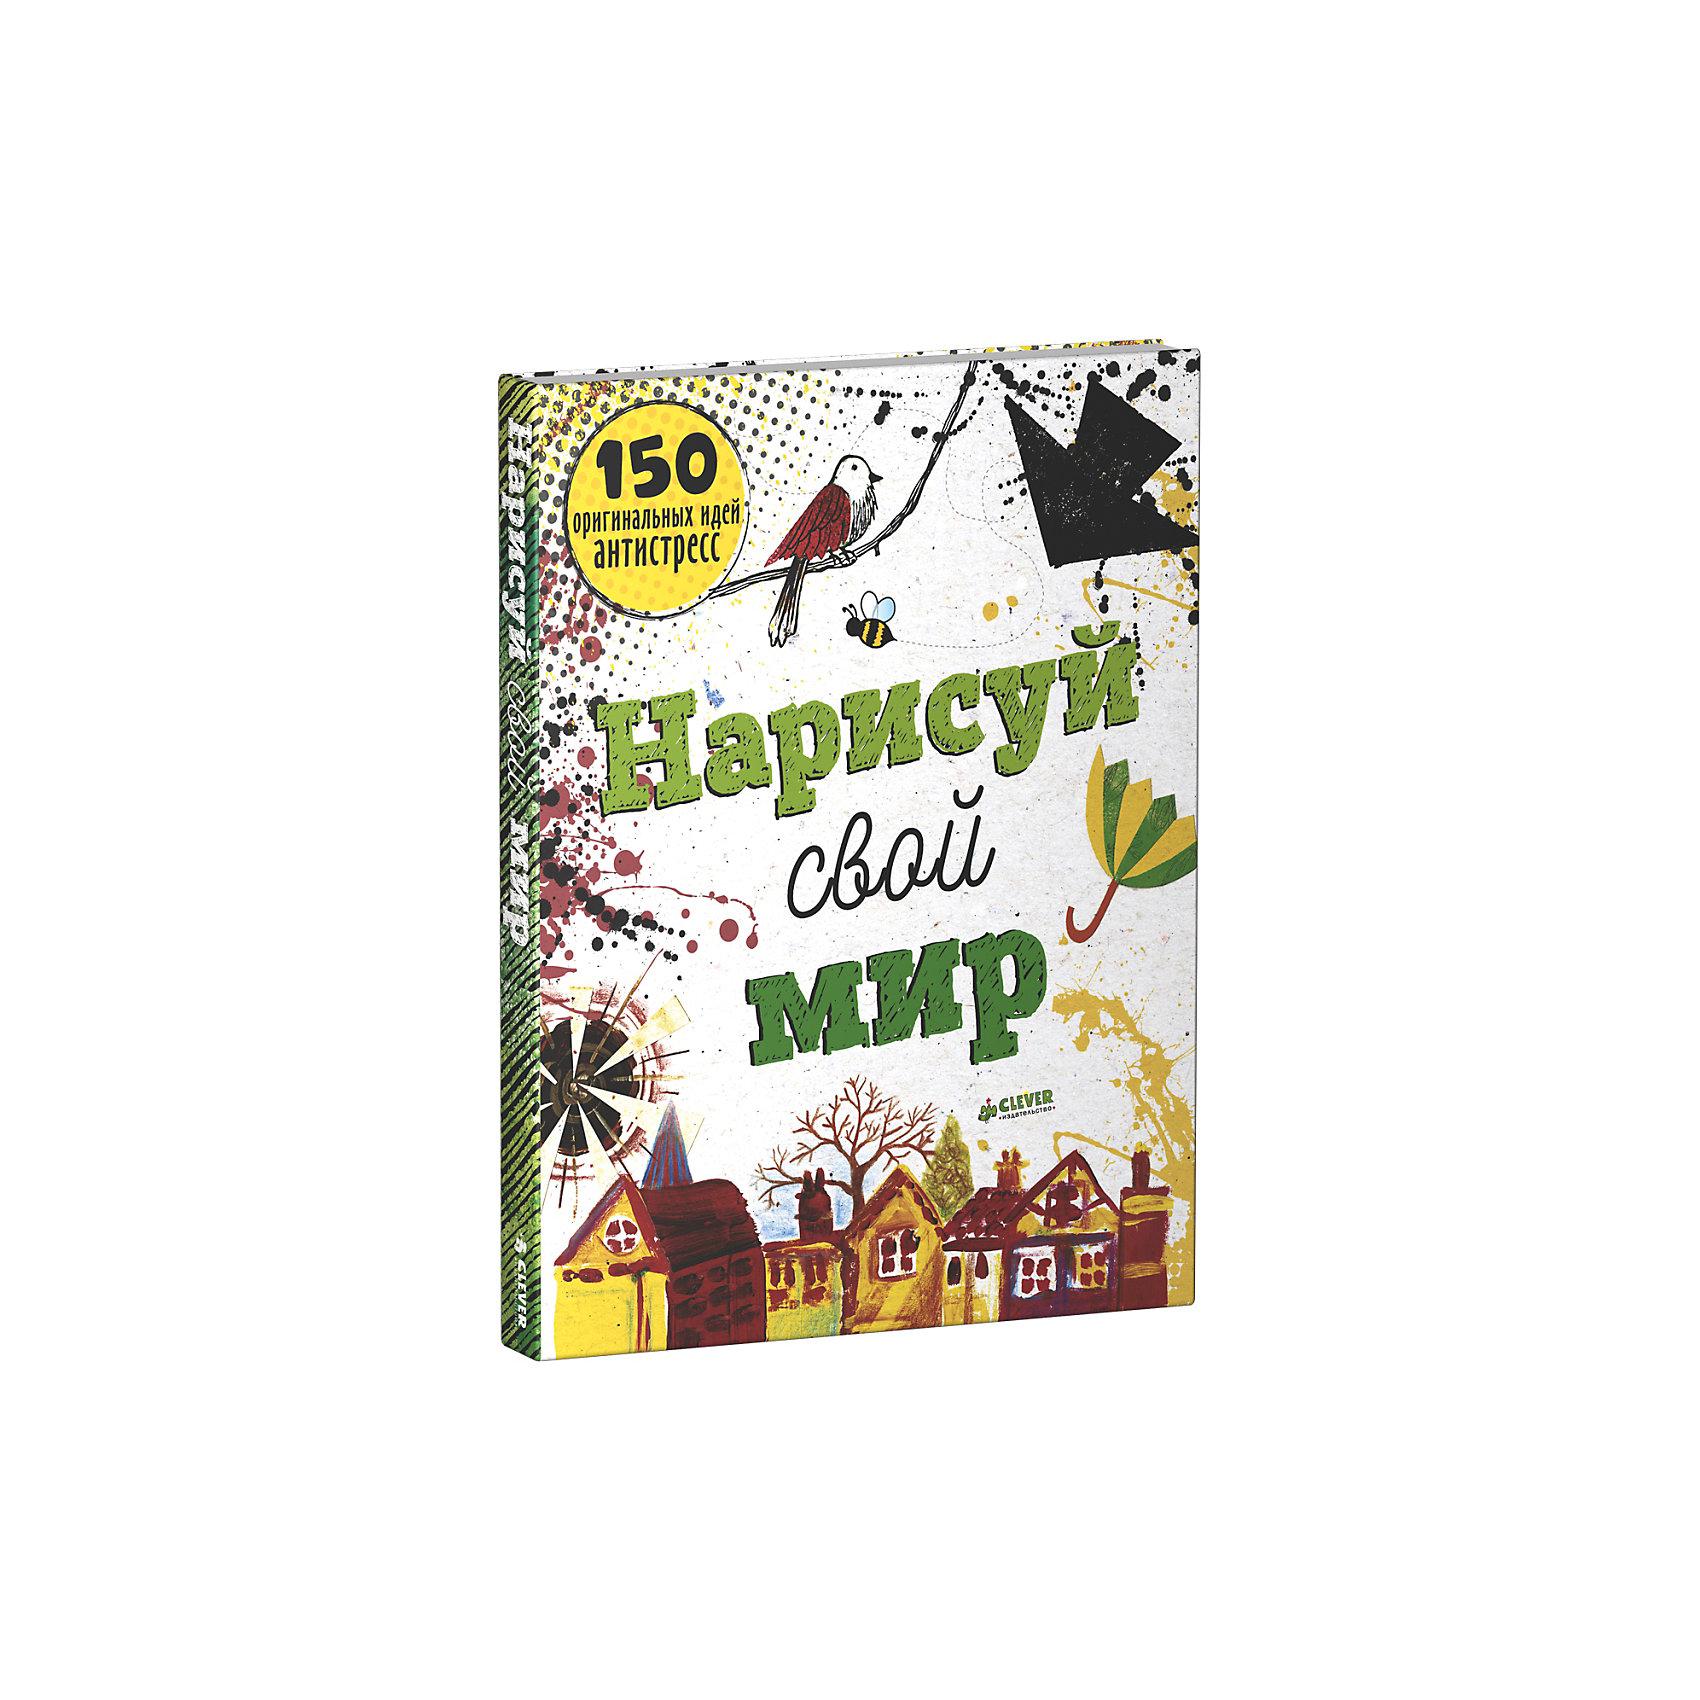 Нарисуй свой мир, 150 оригинальных идей антистрессCLEVER (КЛЕВЕР)<br>Нарисуй свой мир, 150 оригинальных идей антистресс<br><br>Характеристики:<br><br>• ISBN: 978-5-906824-85-1<br>• Кол-во страниц:192<br>• Возраст: от 8 лет <br>• Формат: а4<br>• Размер книги: 270x210x10 мм<br>• Бумага: офсет<br>• Вес: 470 г<br>• Обложка: мягкая<br><br>Творчество и, в частности, рисование – прекрасный способ снять стресс, напряжение и освободиться от беспокойства. Если вы устали, раздражены или не знаете, чем себя занять – эта книга прекрасно подойдет для того, чтобы развлечься, найти вдохновение, расслабиться и почувствовать радость. <br><br>Эта книга-альбом для творчества и рисования позволяет отвлечься от повседневных забот и побыть наедине с собой. Не важно, умеете ли вы рисовать, важно только выражать себя, пробовать – и все получится. Для использования этой книги не нужна академическая точность – только ваше желание.<br><br>Нарисуй свой мир, 150 оригинальных идей антистресс можно купить в нашем интернет-магазине.<br><br>Ширина мм: 270<br>Глубина мм: 210<br>Высота мм: 20<br>Вес г: 470<br>Возраст от месяцев: 84<br>Возраст до месяцев: 132<br>Пол: Унисекс<br>Возраст: Детский<br>SKU: 5377819